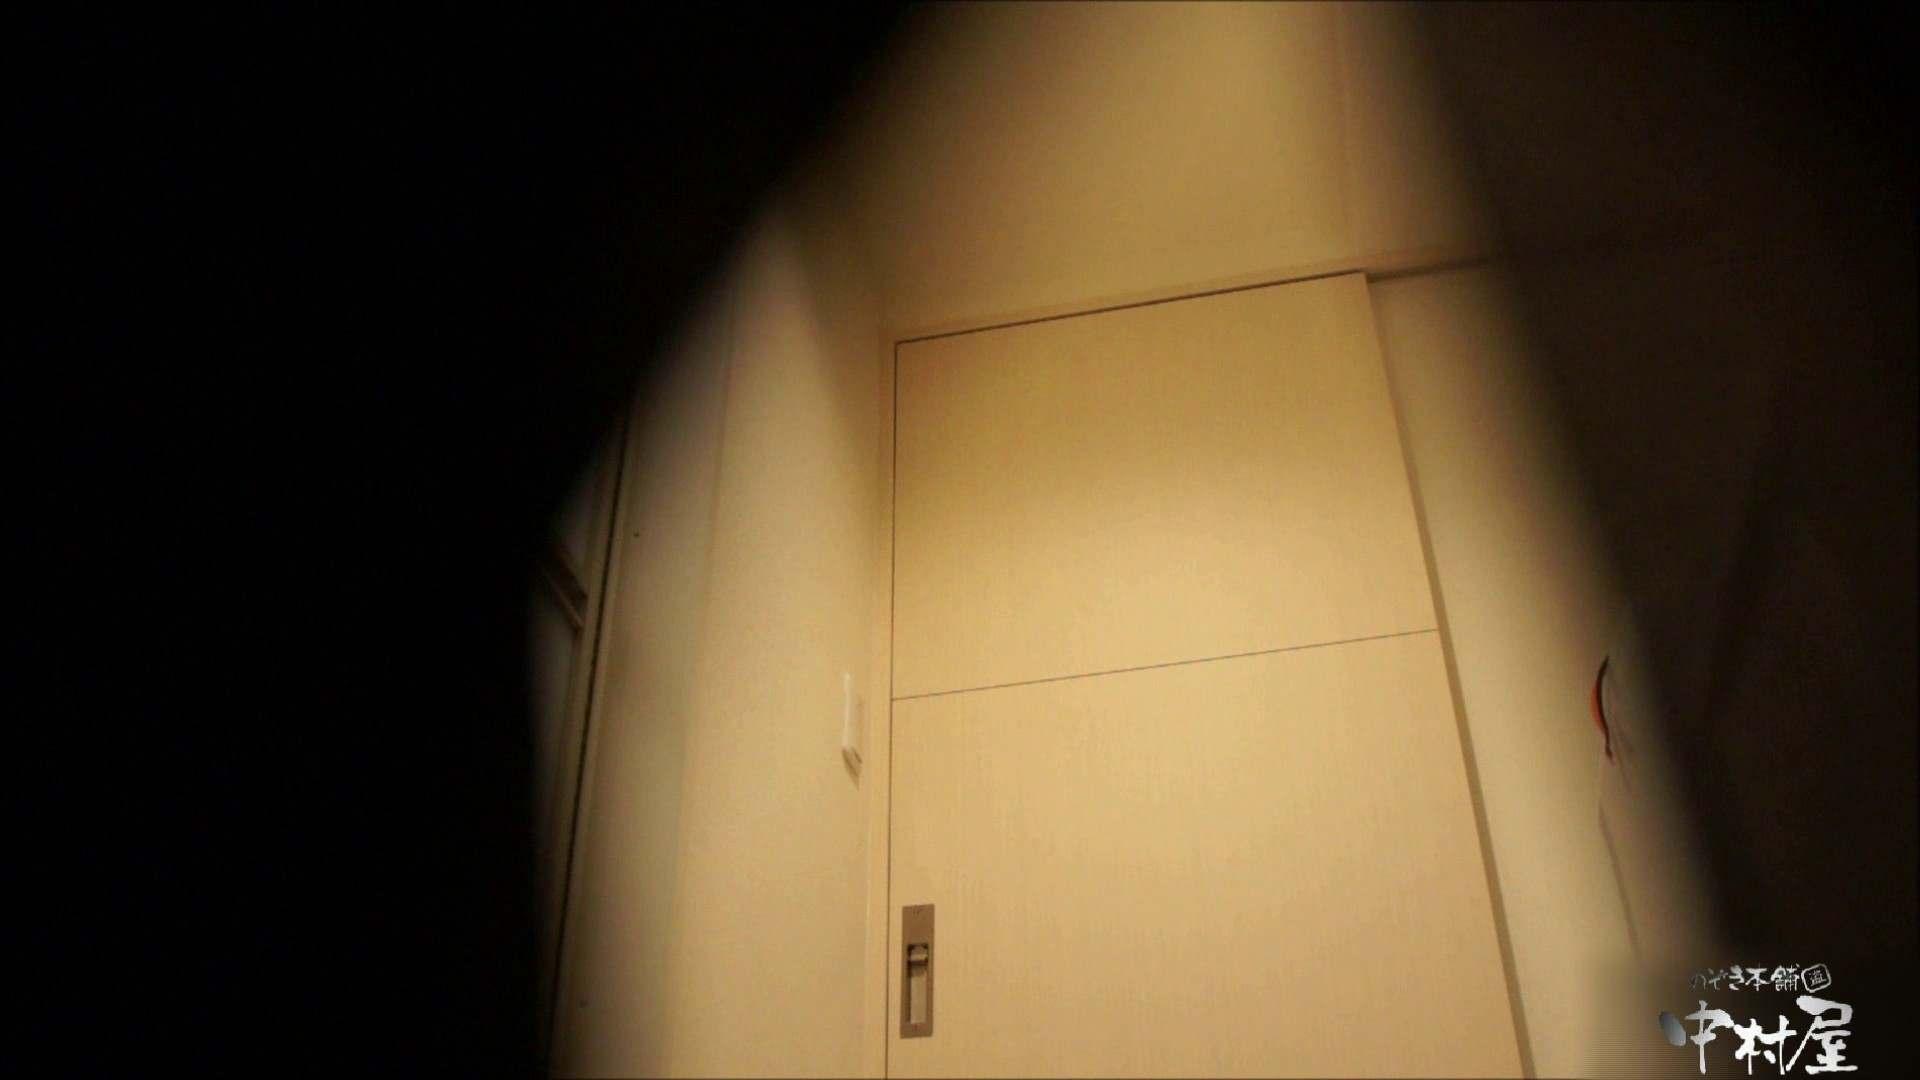 二人とも育てた甲斐がありました…vol.59【小春】脱衣所とオナニー隠し撮り 前編 美しいOLの裸体 おめこ無修正動画無料 98pic 74